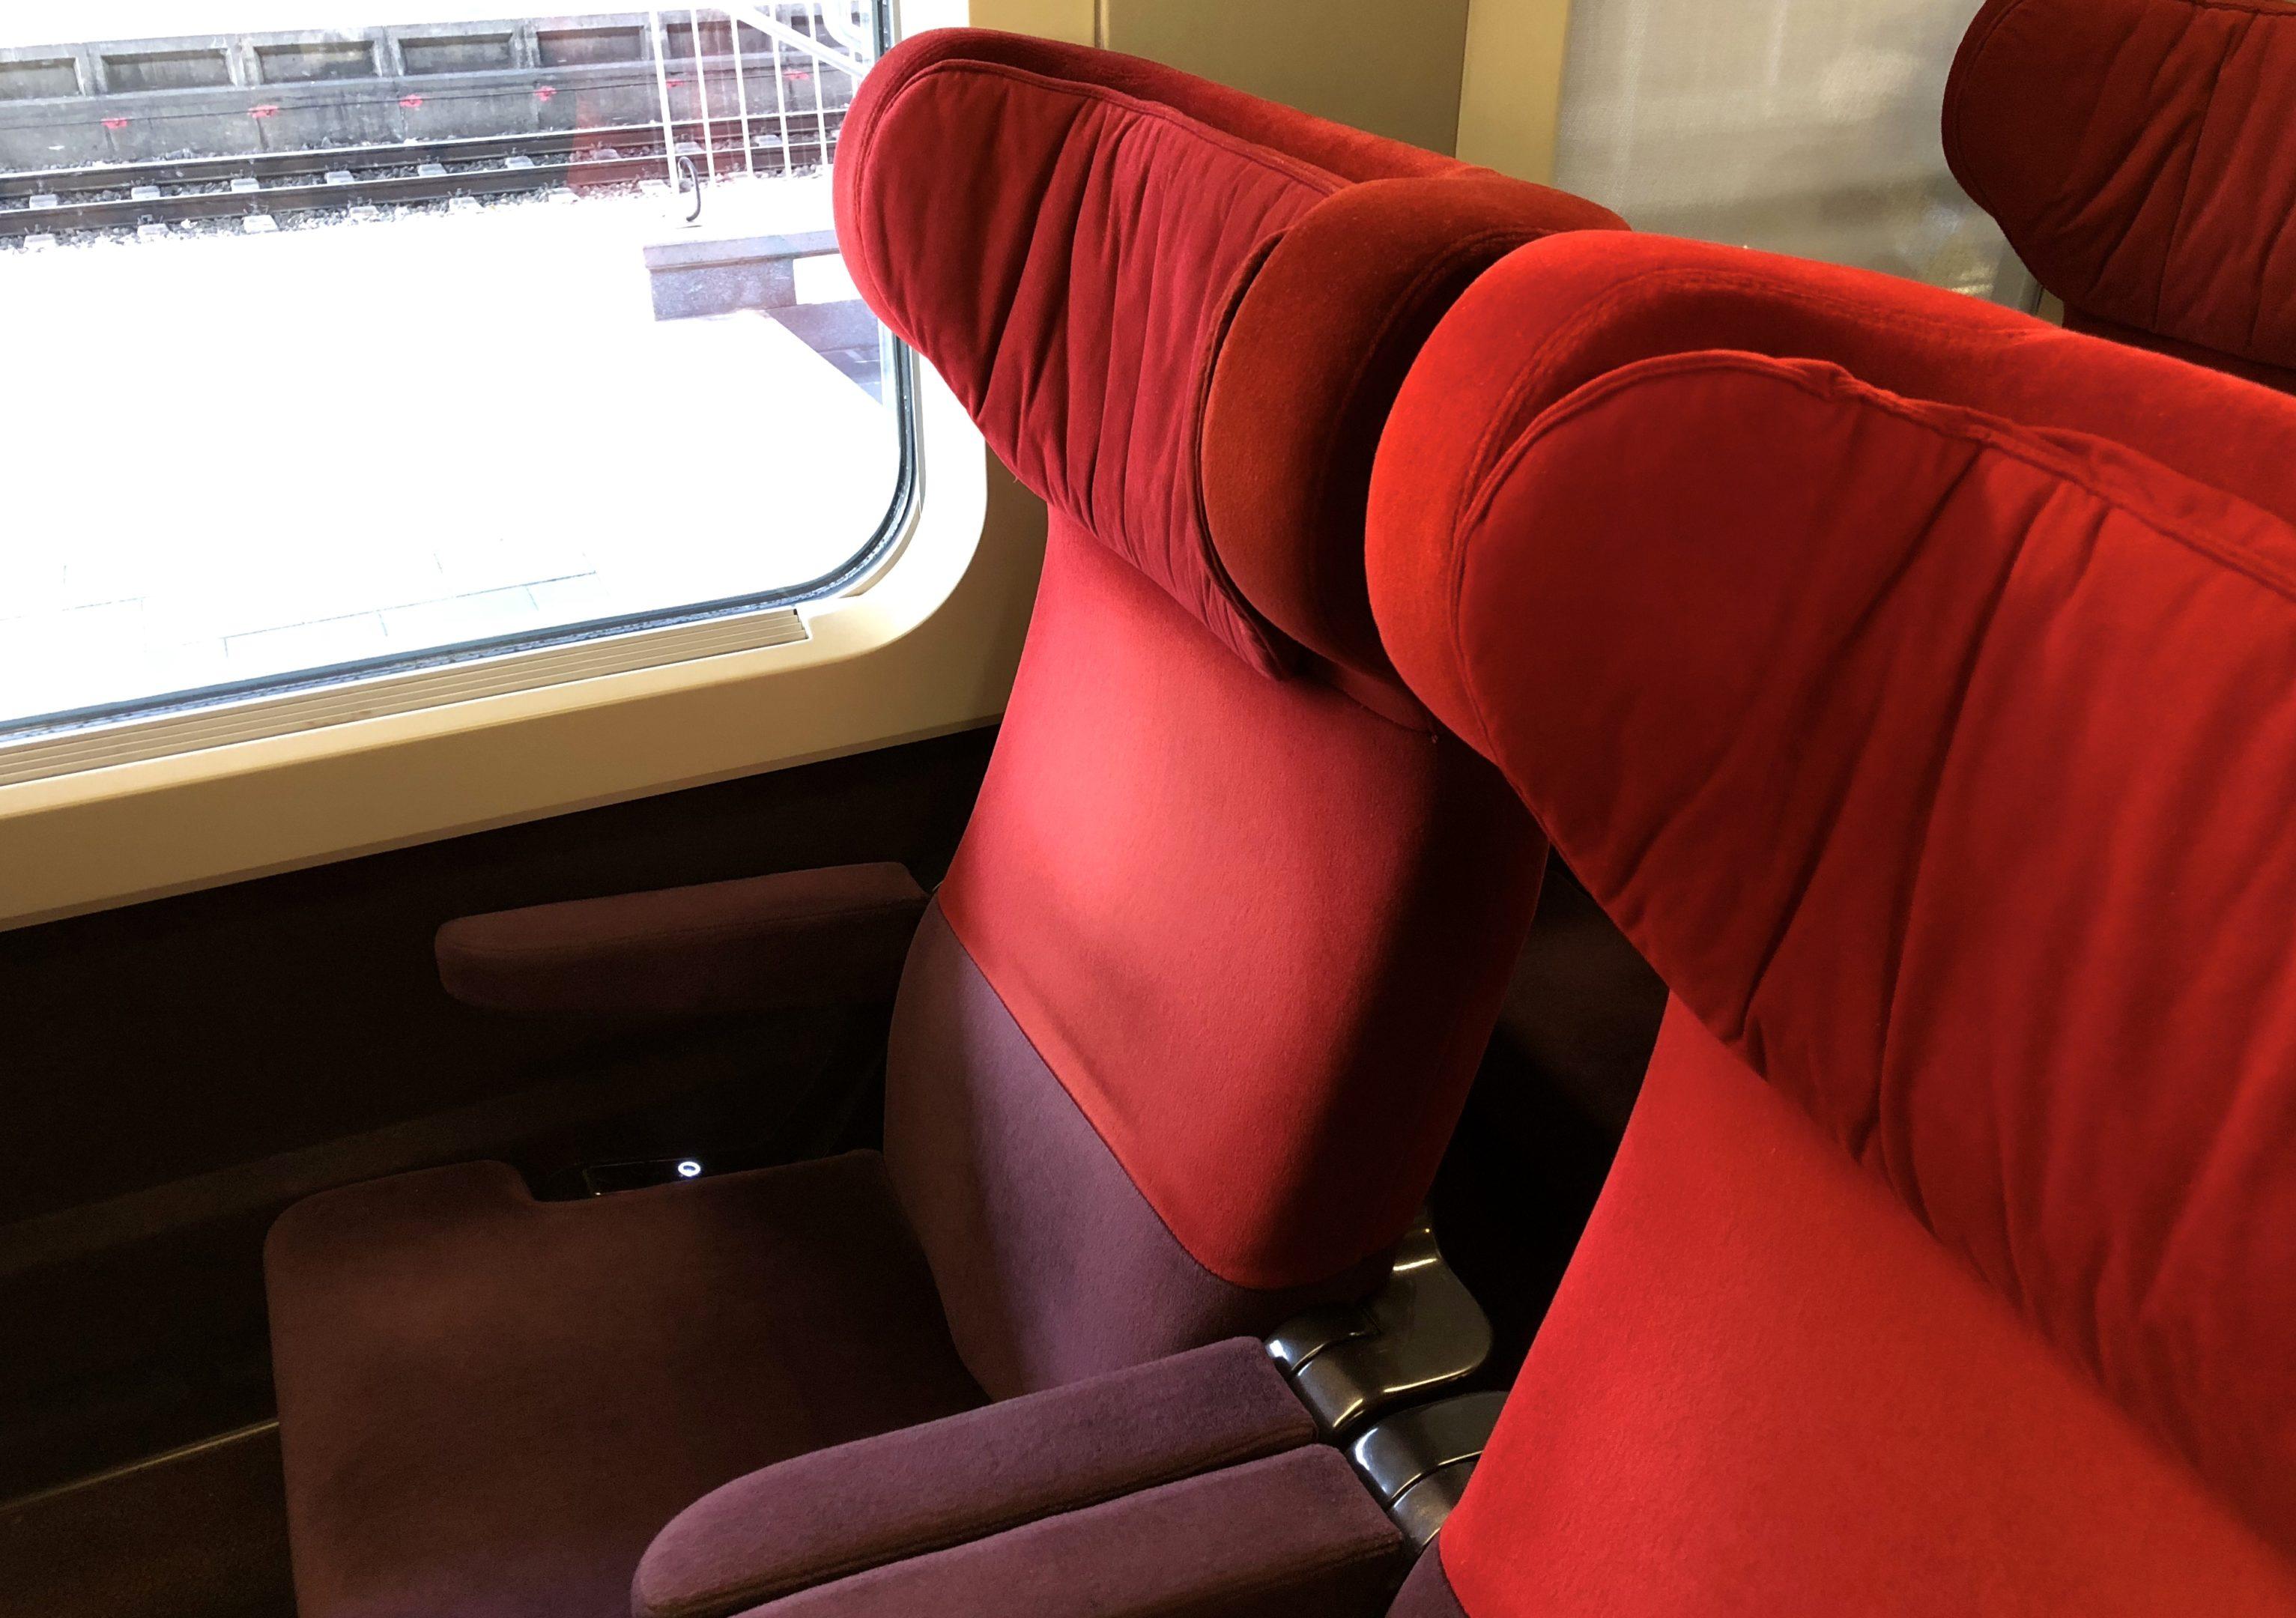 Mit dem Thalys ab 30€ pro Strecke nach Paris fahren!